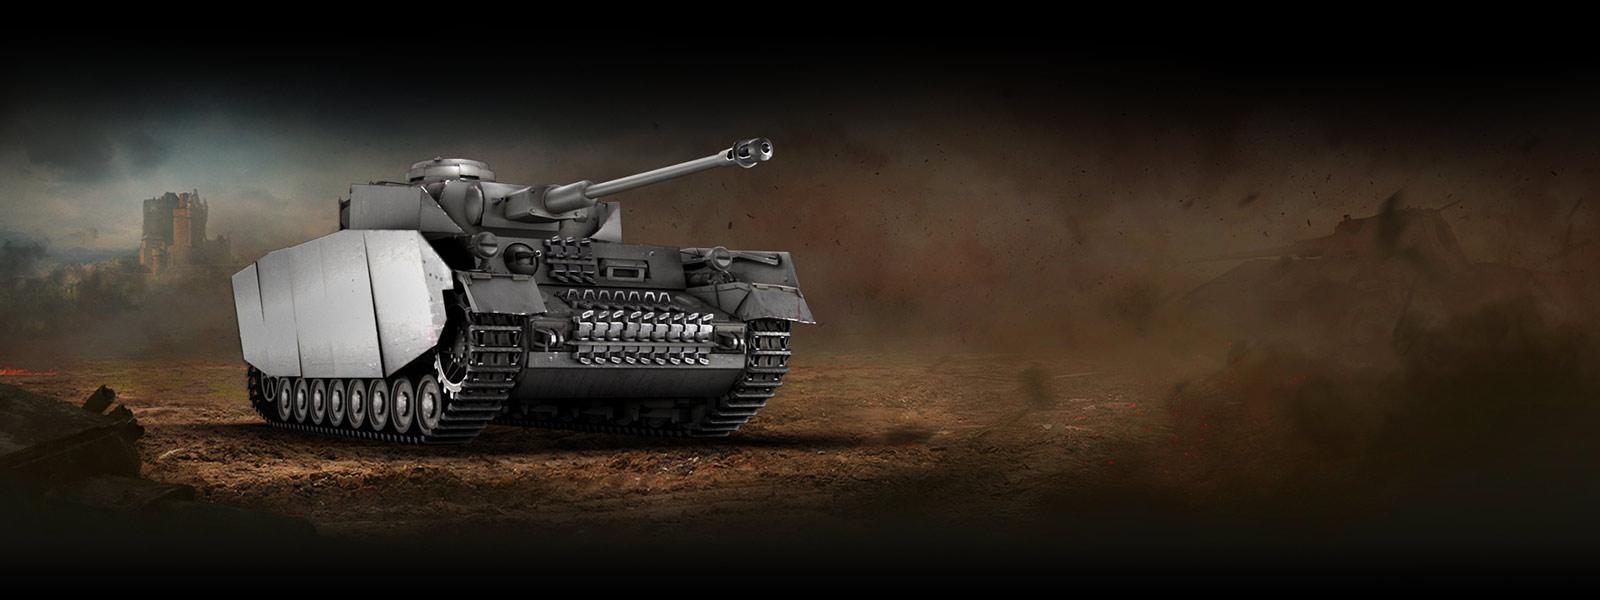 Medium class tank